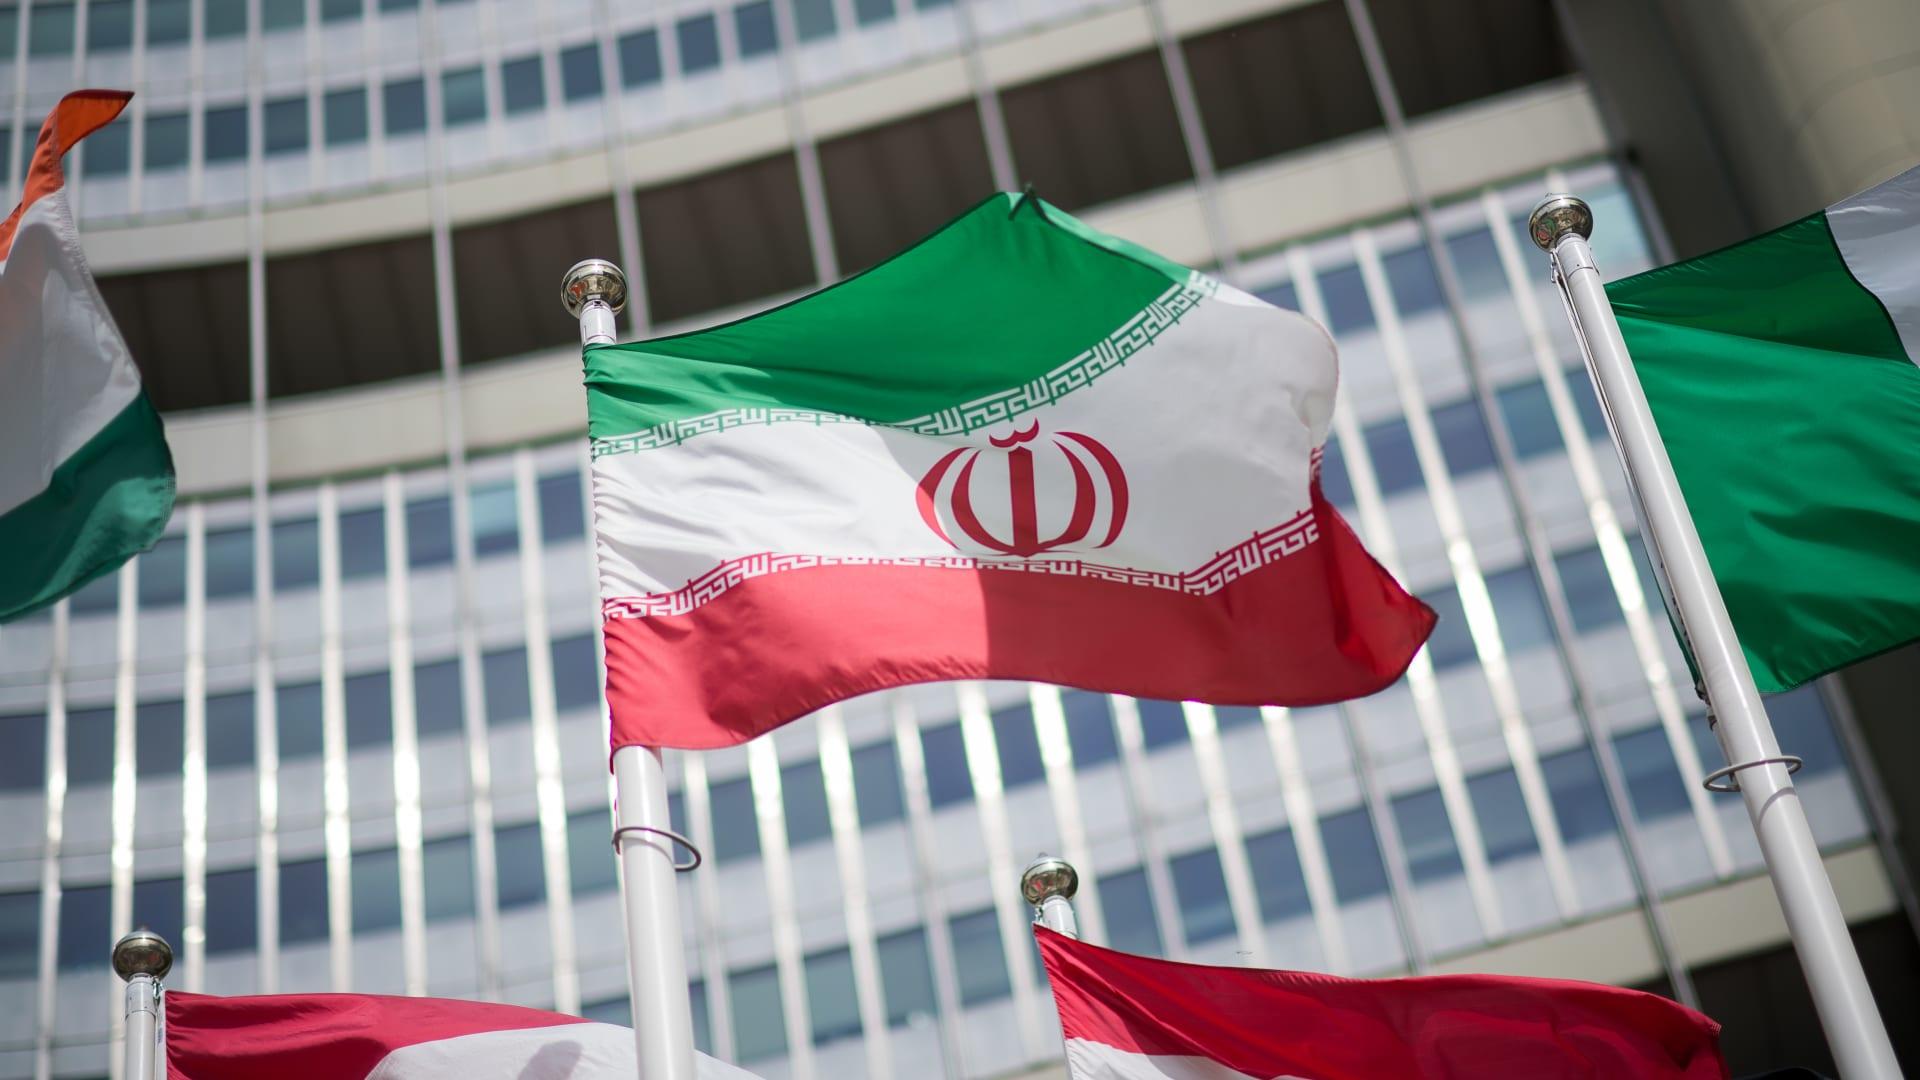 اتفاق بين إيران والوكالة الدولية للطاقة الذرية على صيانة وتبديل ذاكرة أجهزة المراقبة